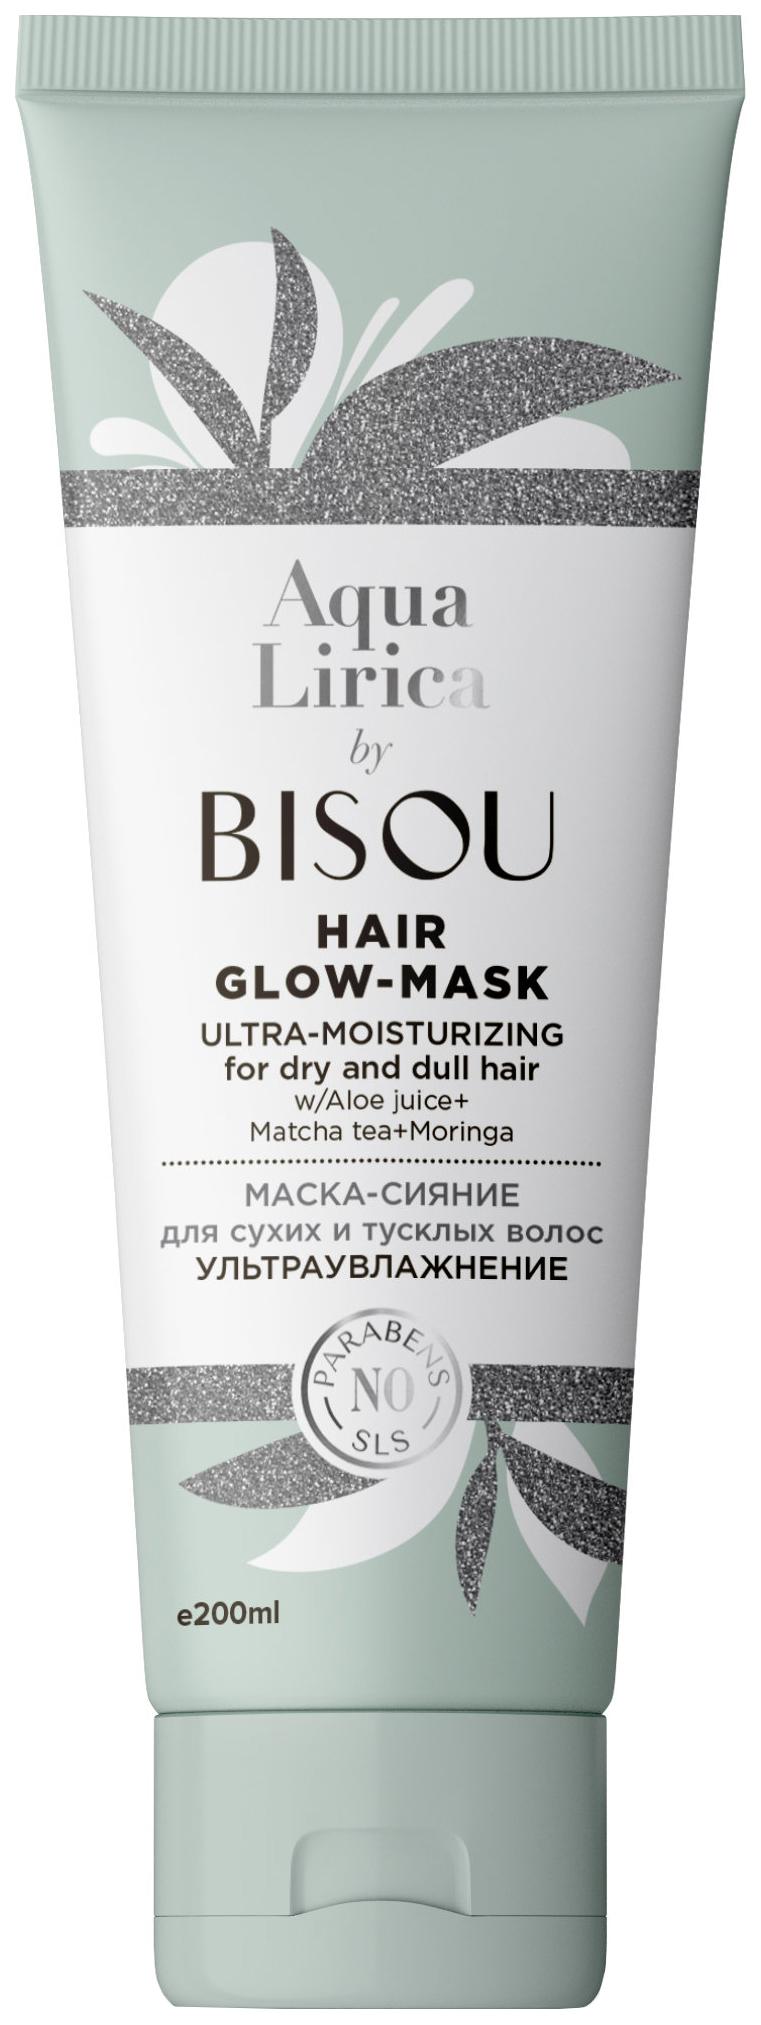 Купить Маска для волос Bisou Ультраувлажнение 200 мл